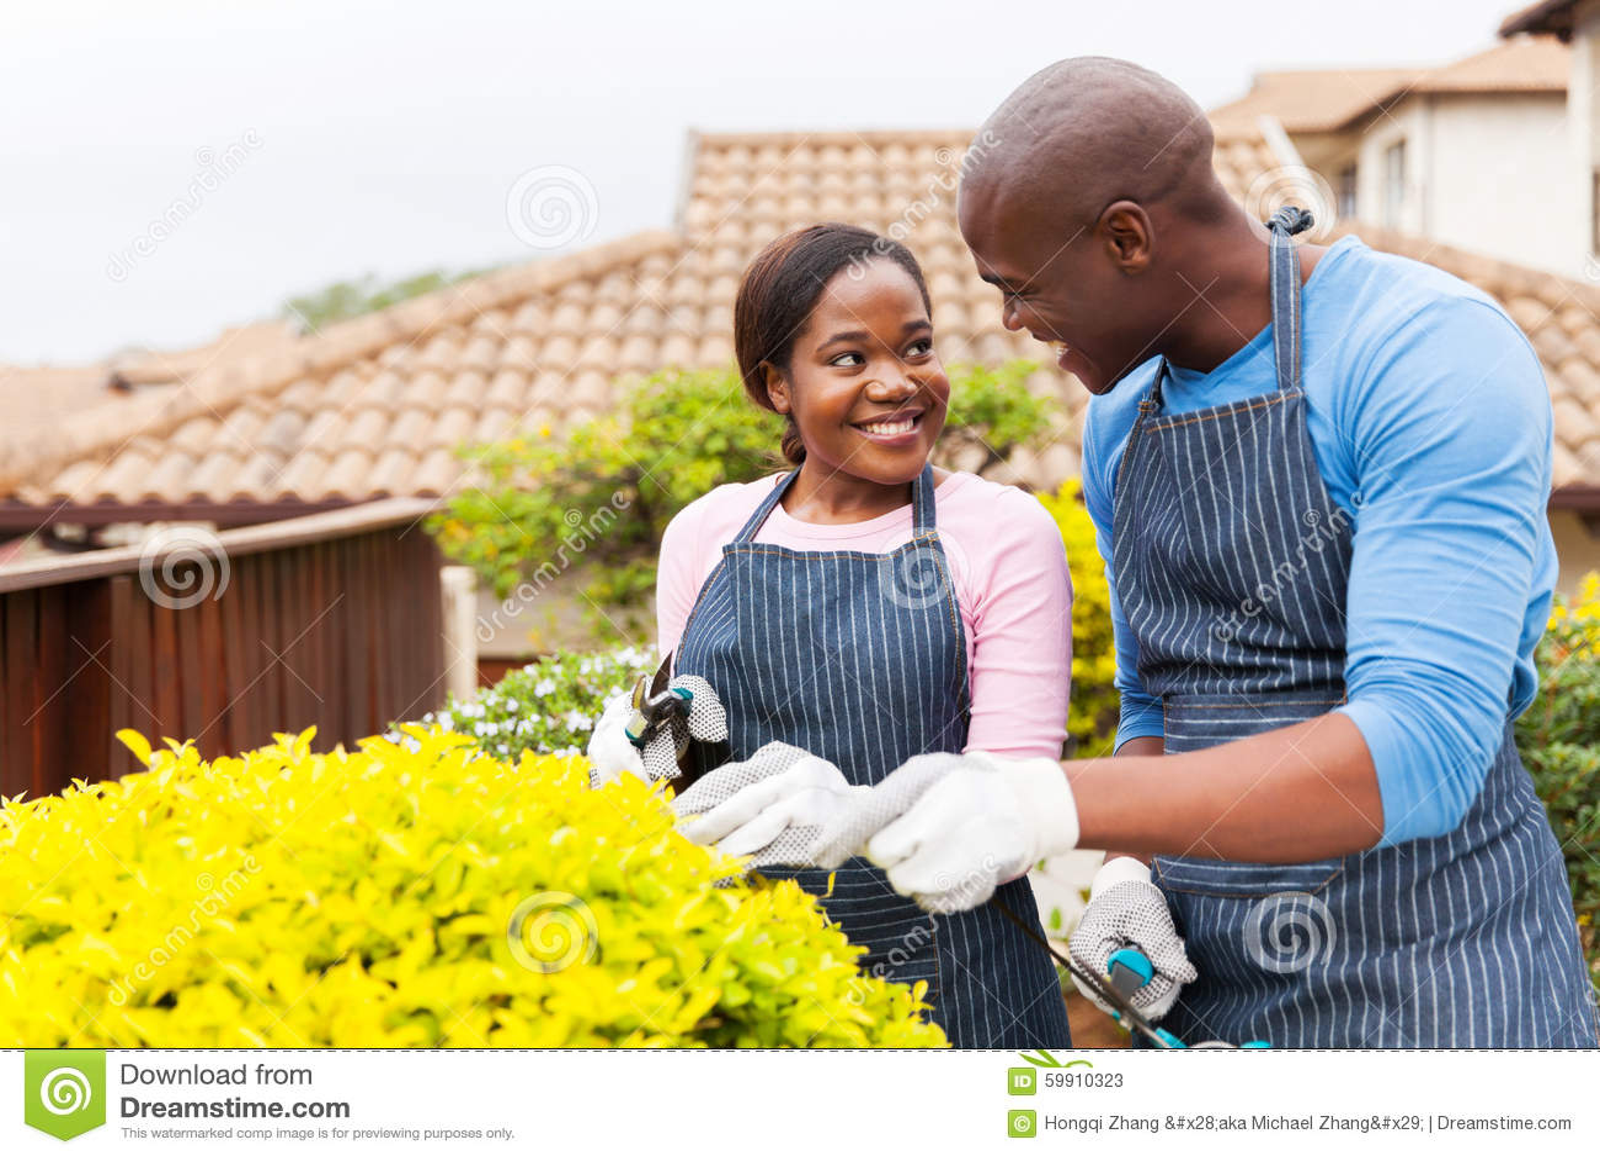 Couples faisant du jardinage ensemble